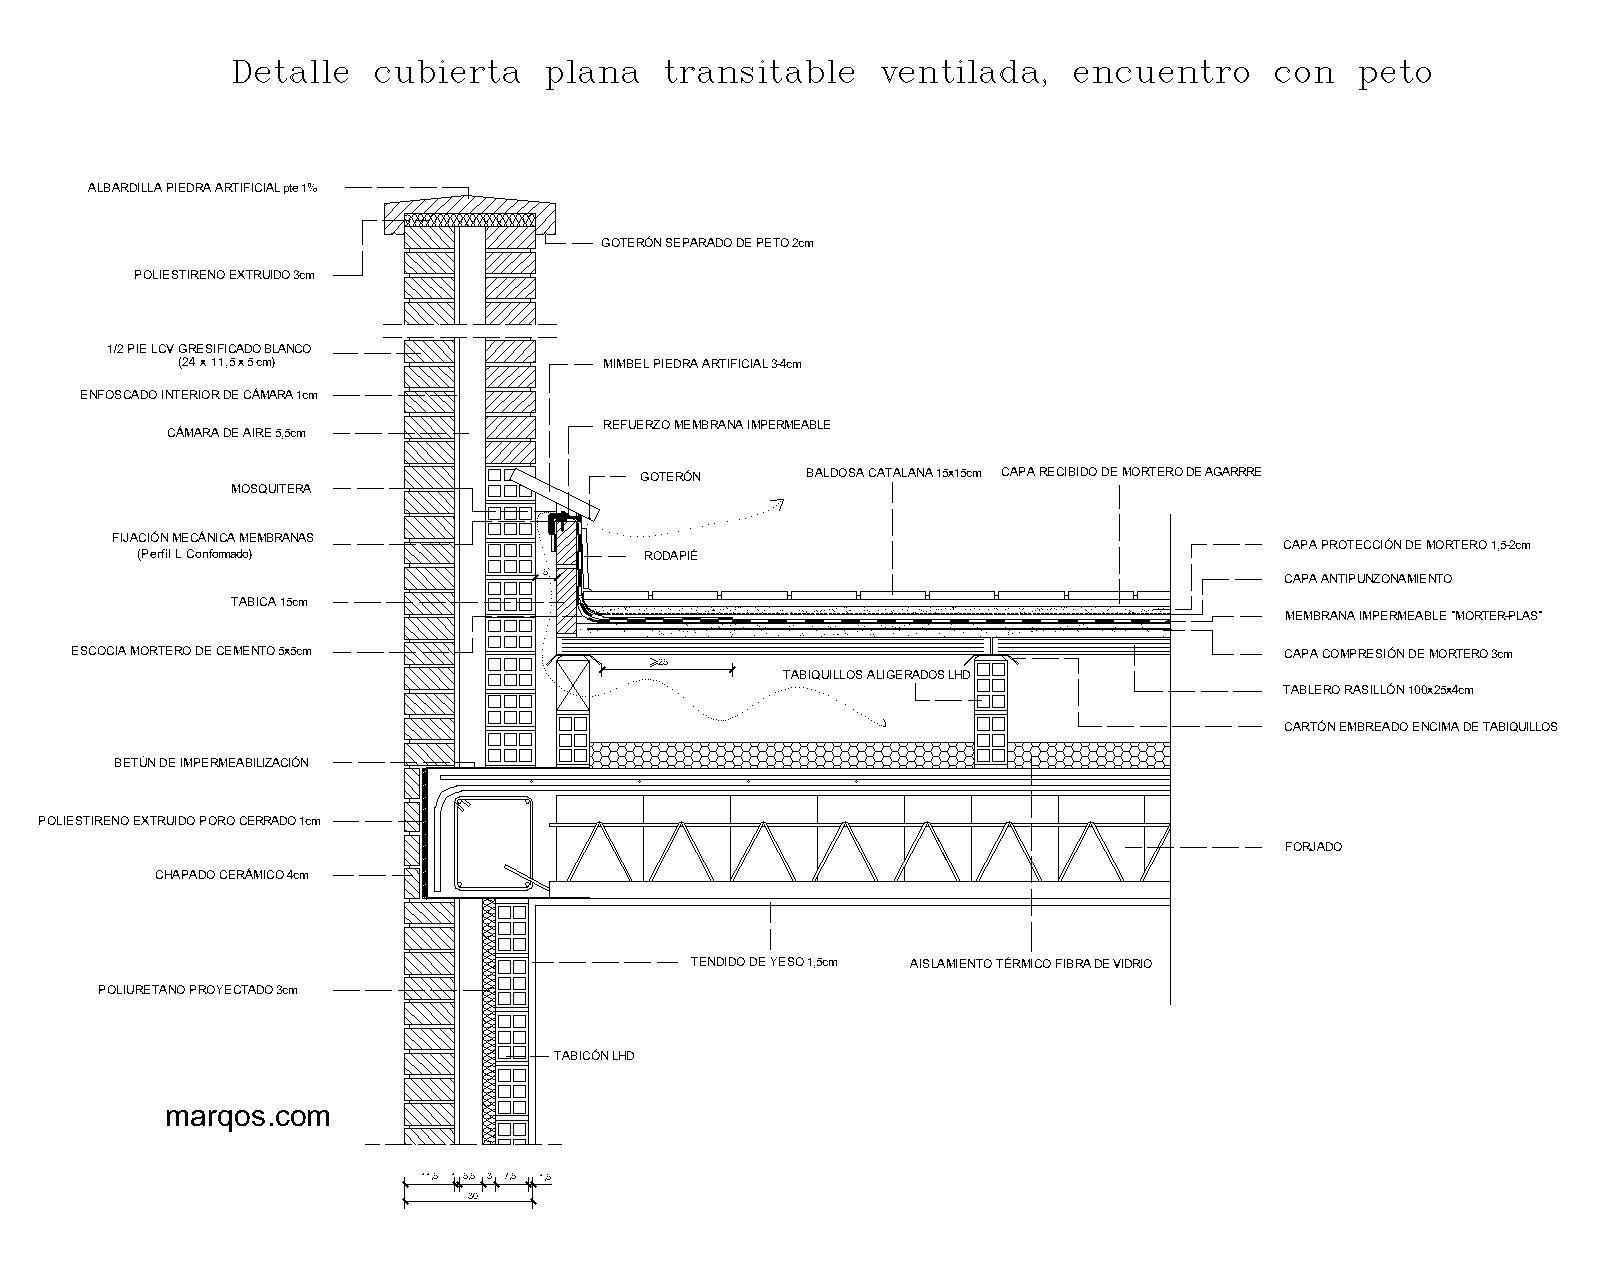 Cubierta plana transitable ventilada encuentro con peto for Detalle suelo tecnico